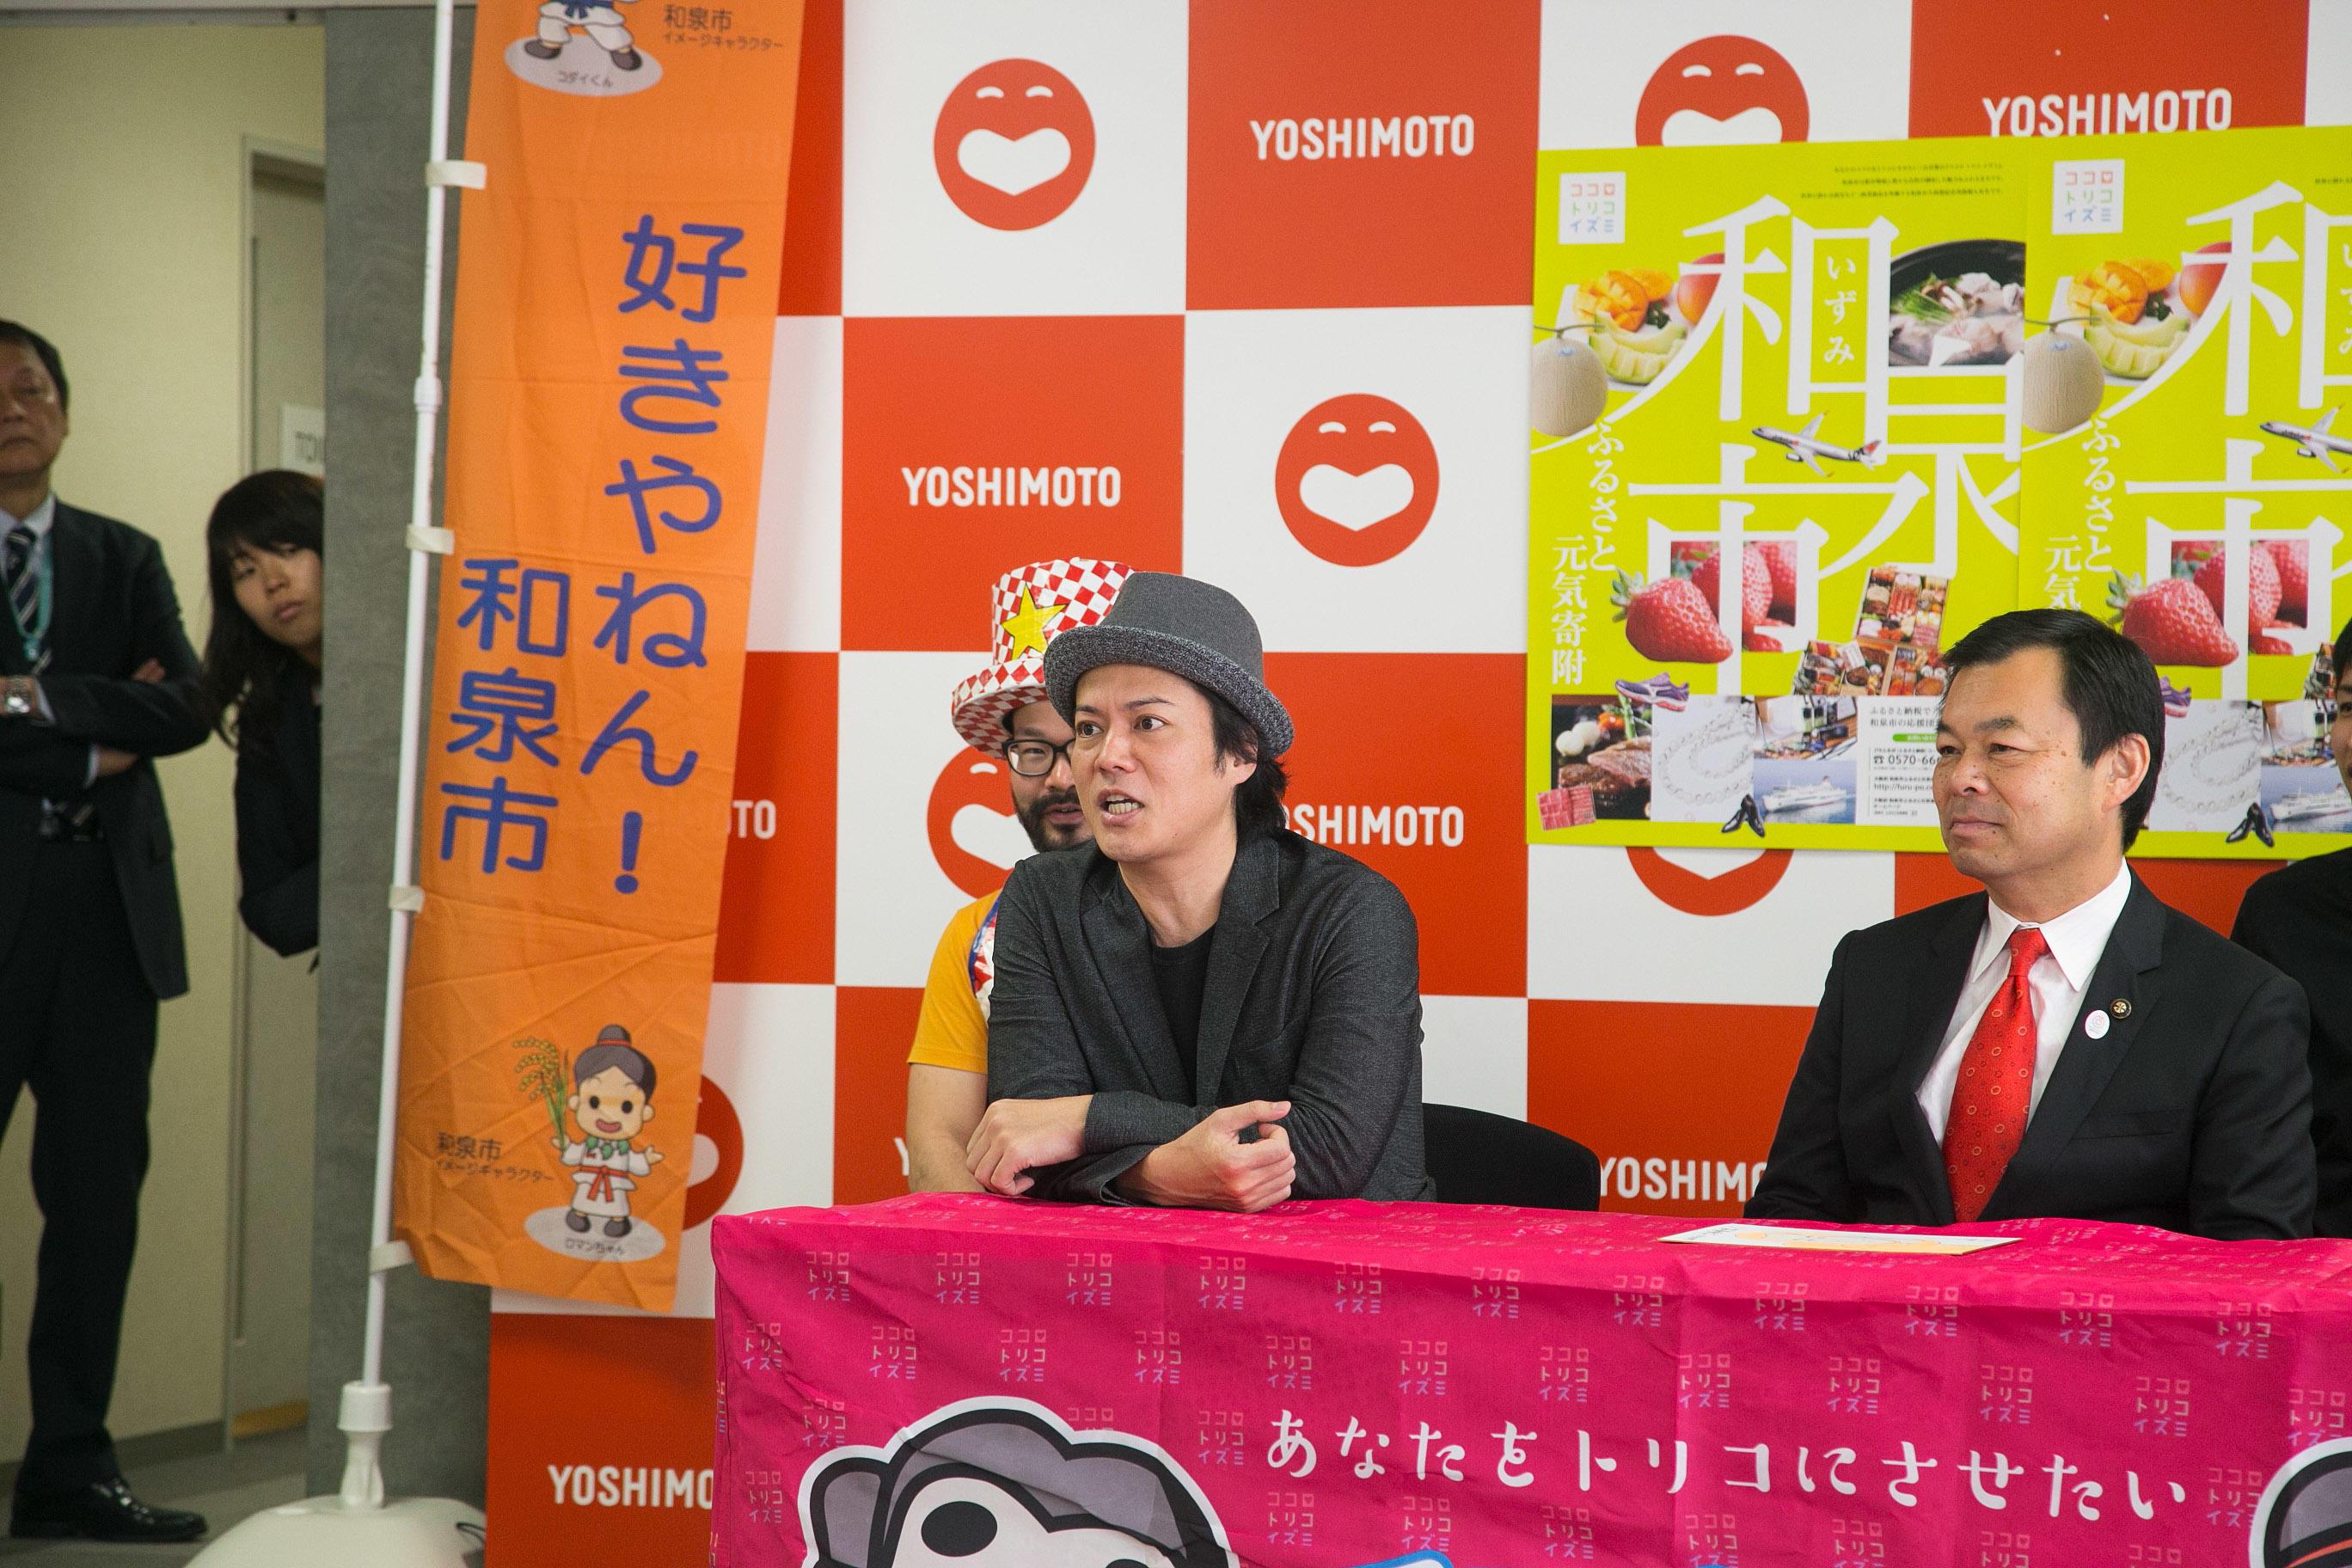 http://news.yoshimoto.co.jp/20180410141202-2f1a9eb2058bc2b124ffae8246f37b056987fe58.jpg